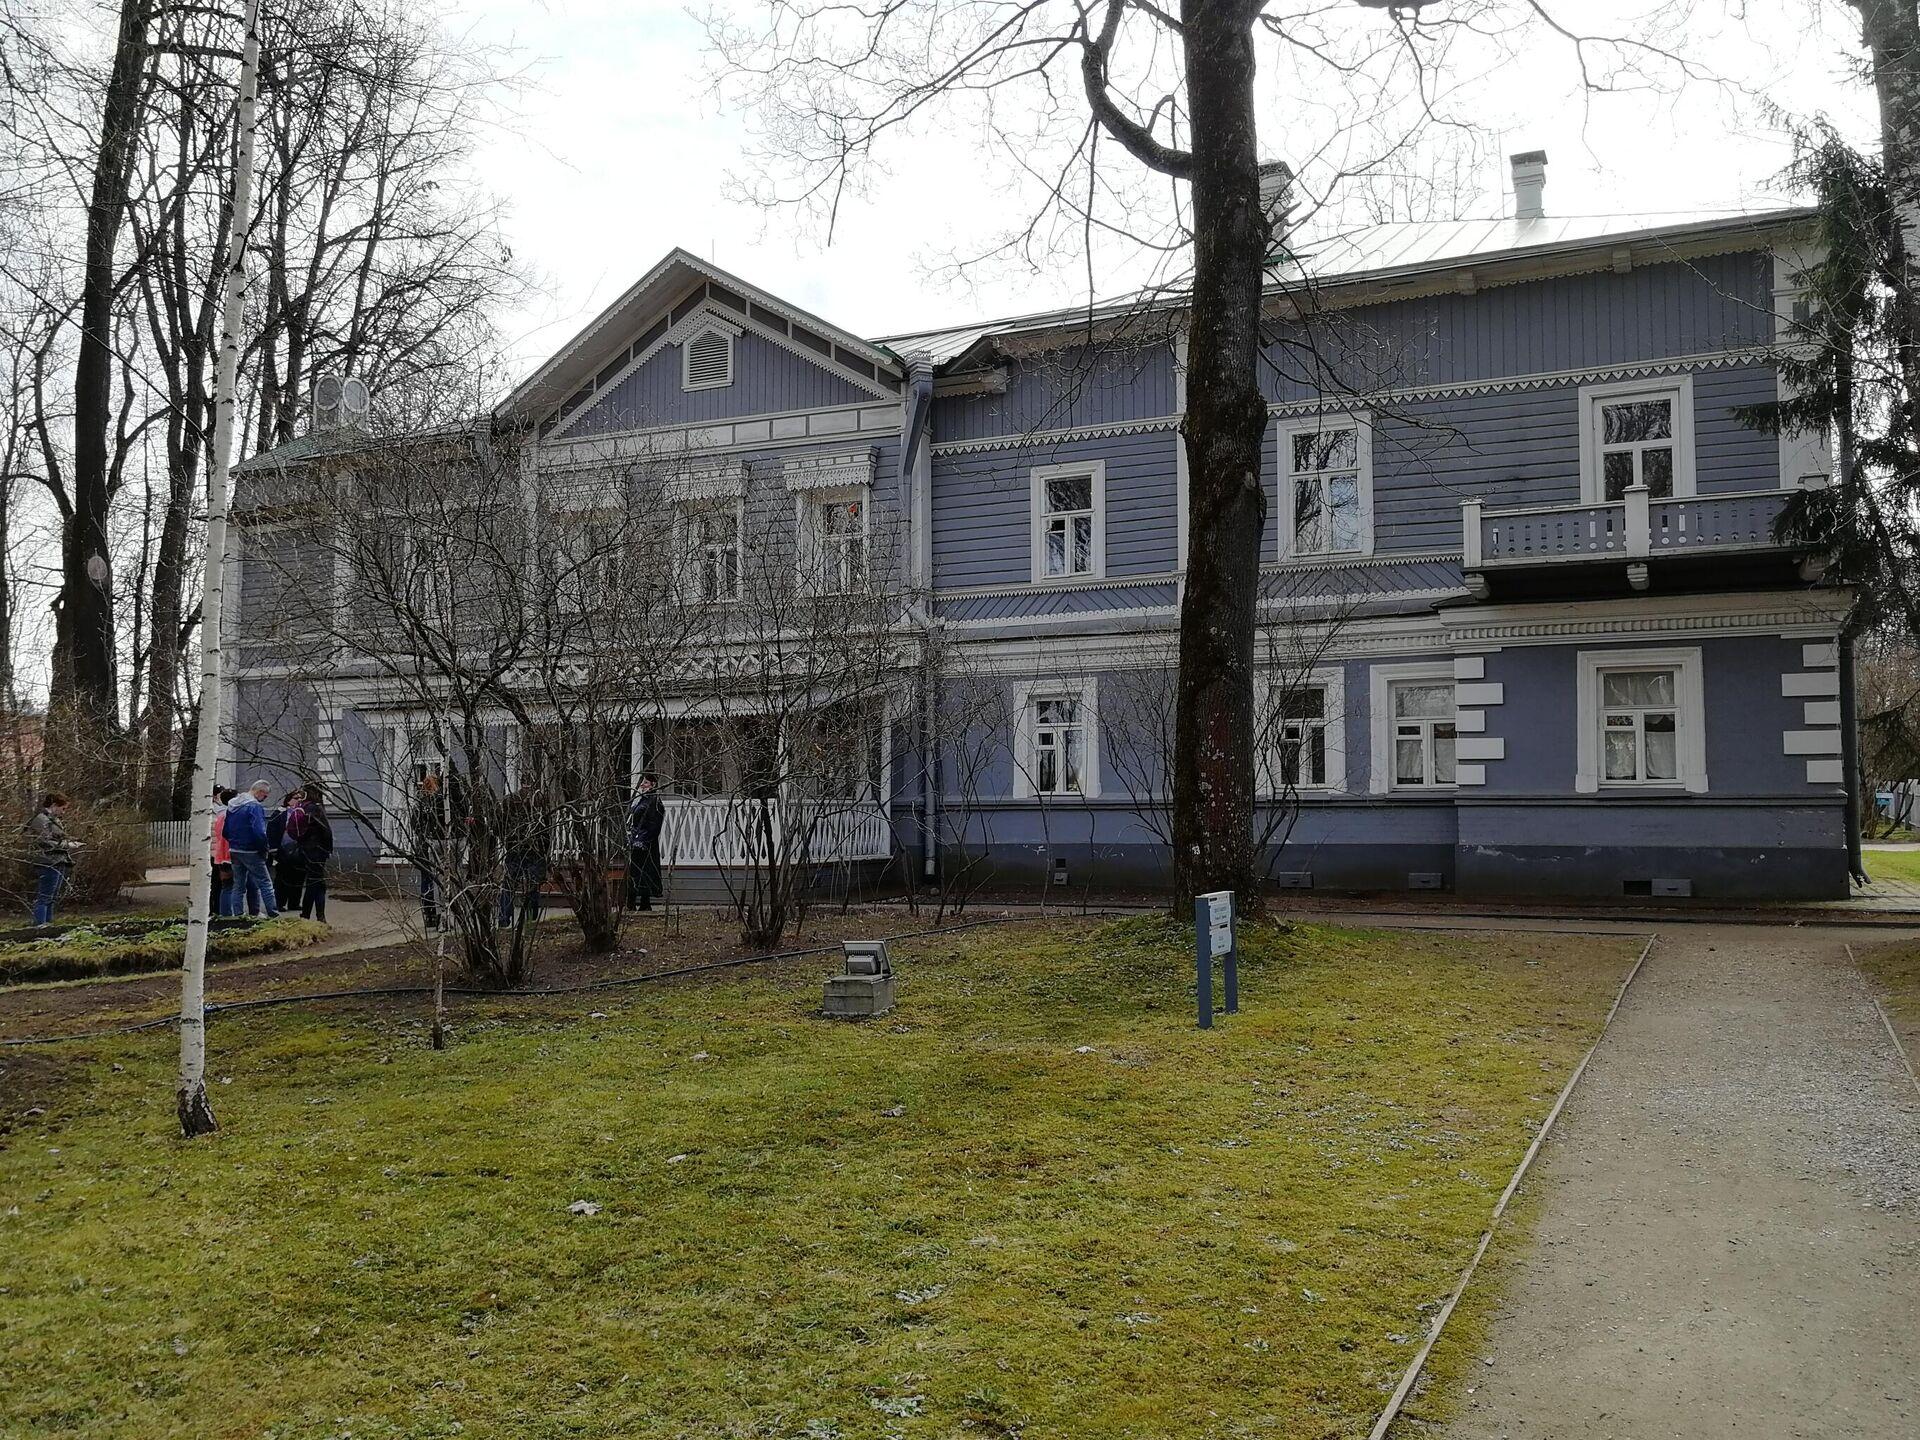 Клин. Дом, в котором Чайковский жил в 1892-1893 годах - РИА Новости, 1920, 12.05.2021